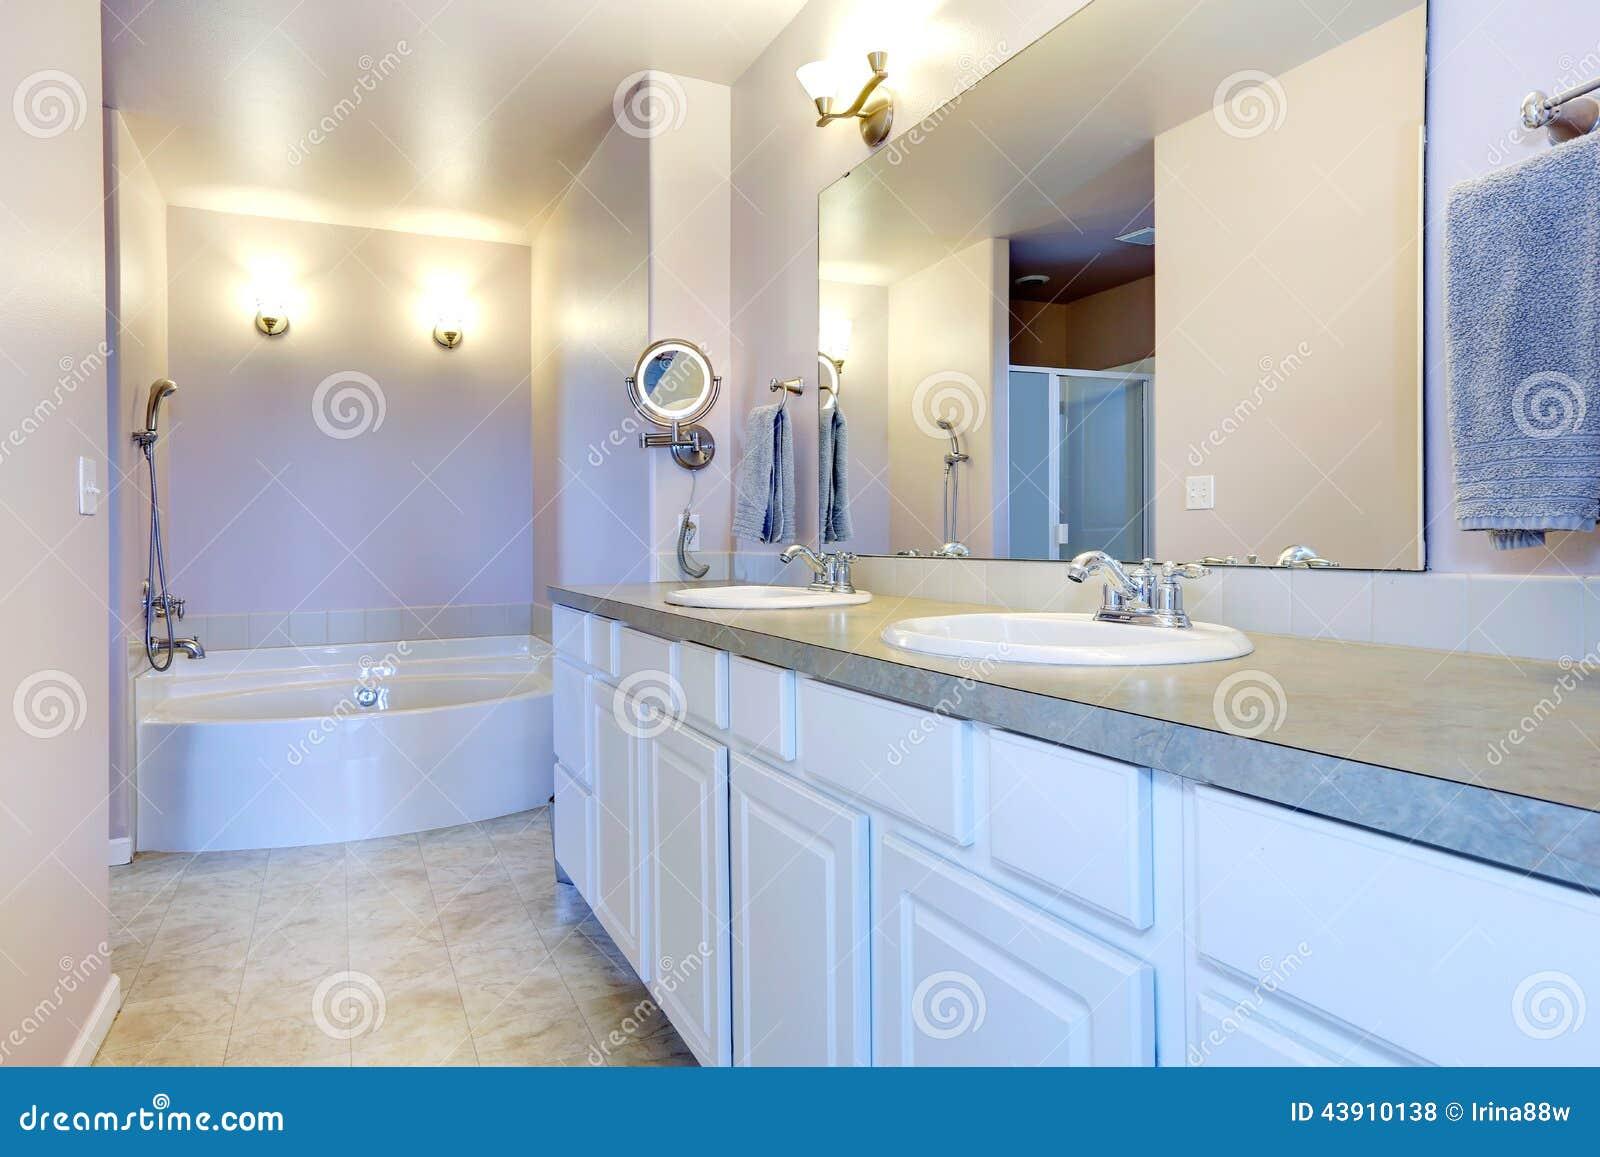 Gabinetes De Baño Pr:Cuarto de baño ligero de restauración de la lavanda con el gabinete